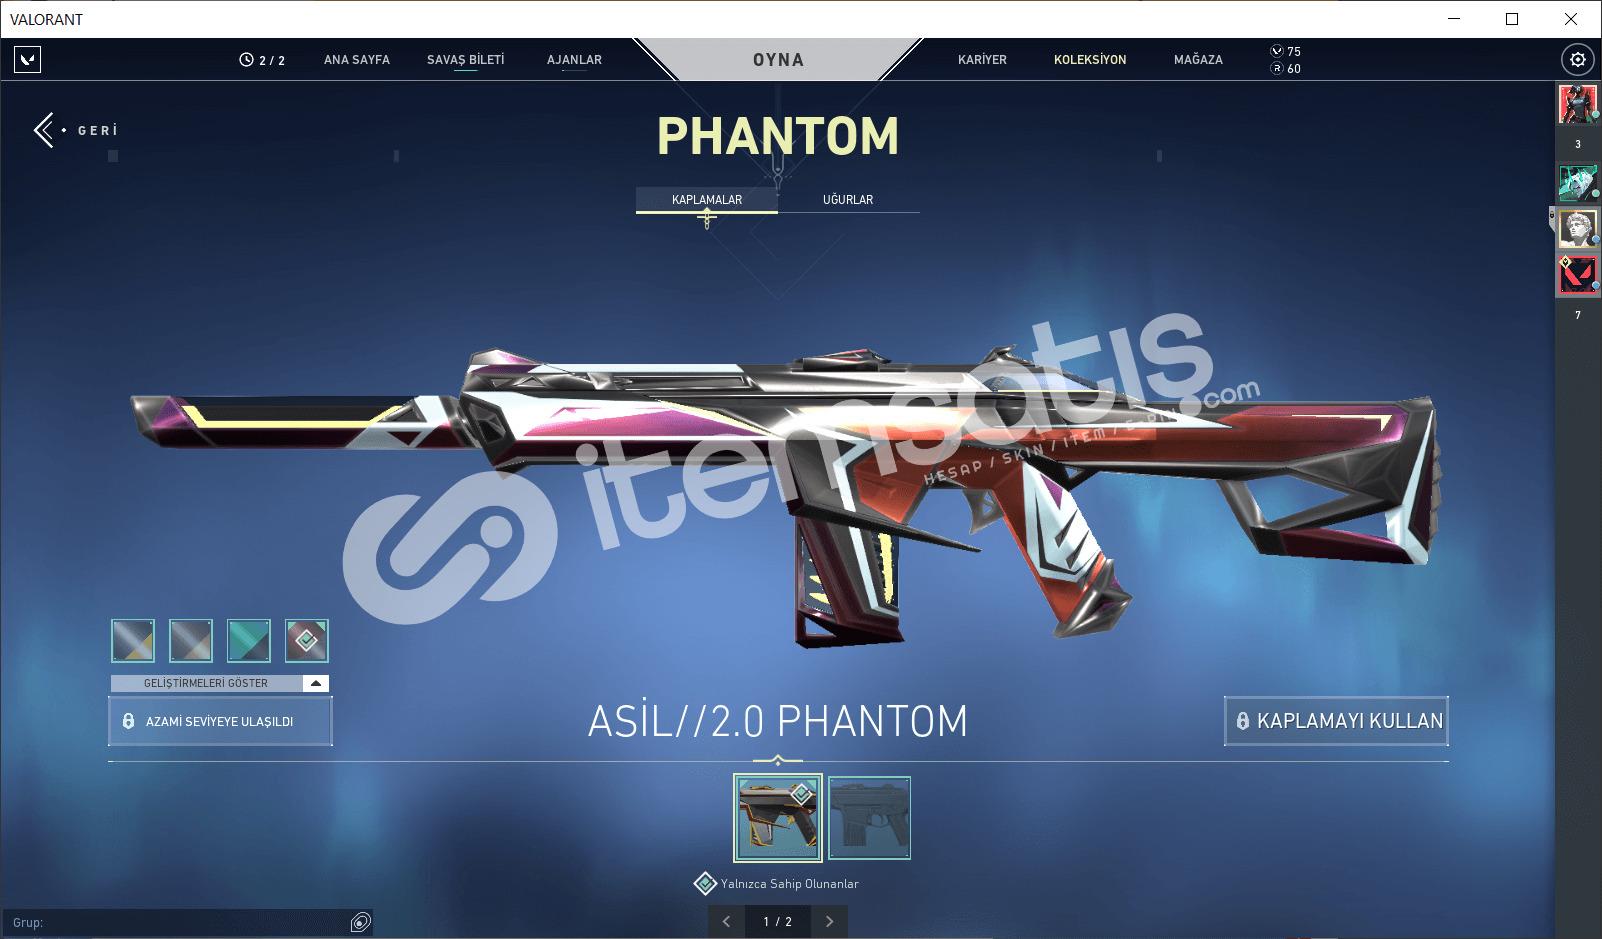 Asil Phantomlu Altın 1 Hesapl